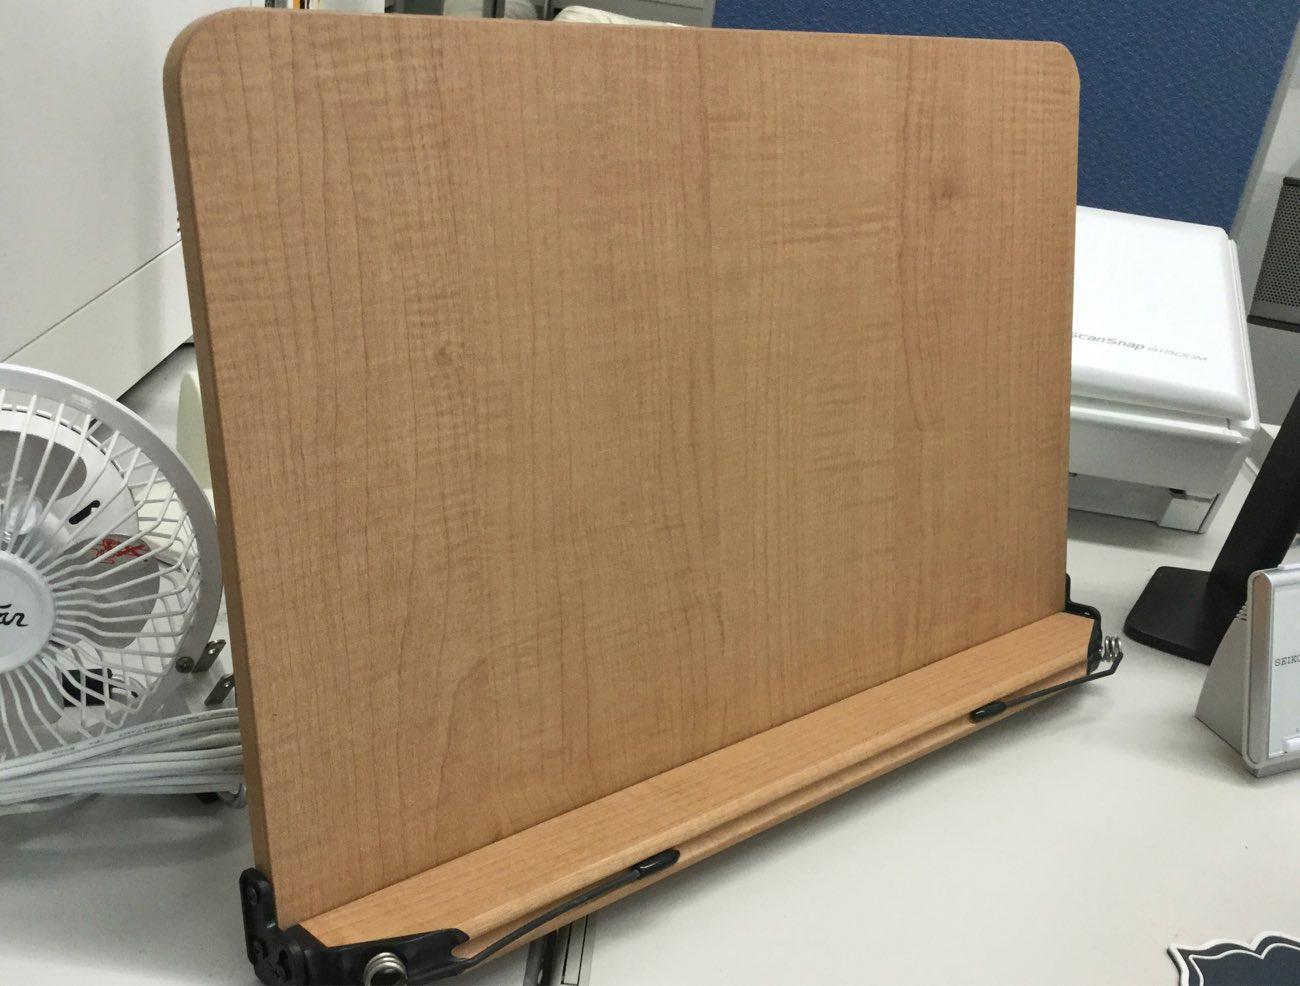 木製のブックスタンドがいいな!